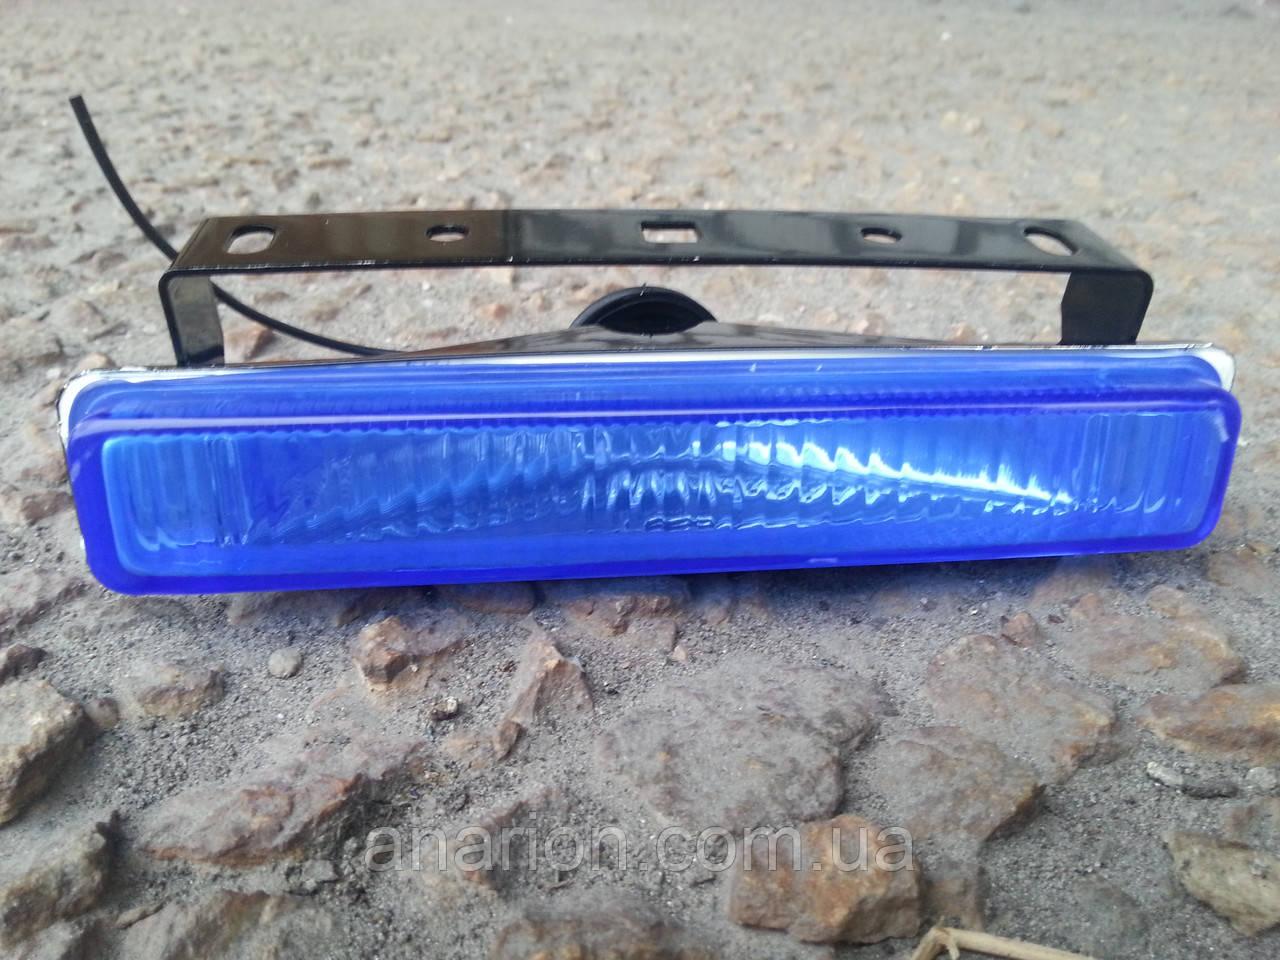 Противотуманные фары для узкого проема №0209 (синие)